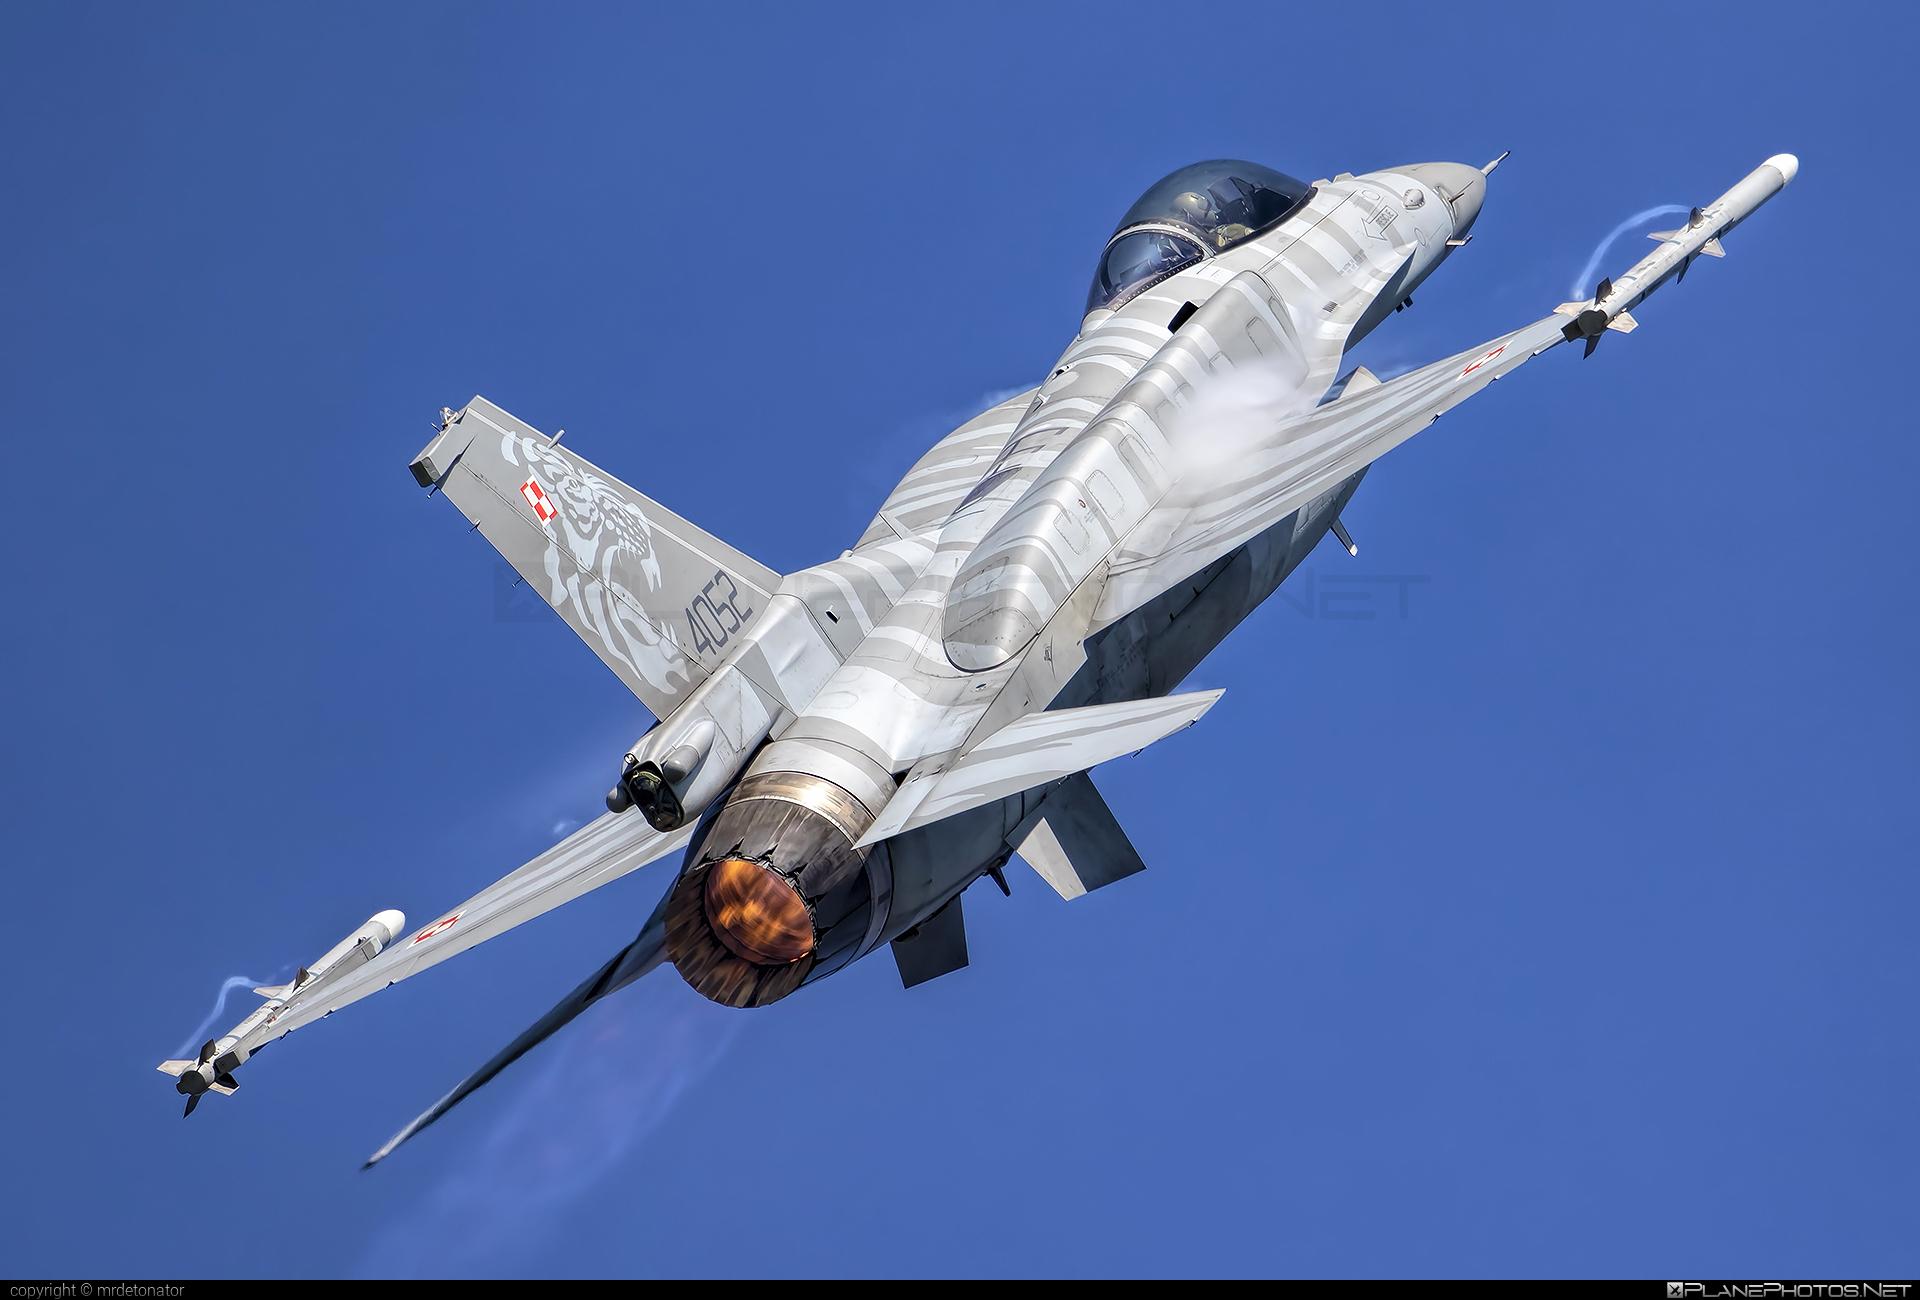 Lockheed Martin F-16CJ Fighting Falcon - 4052 operated by Siły Powietrzne Rzeczypospolitej Polskiej (Polish Air Force) #f16 #f16cj #fightingfalcon #lockheedmartin #natodays #natodays2018 #polishairforce #silypowietrzne